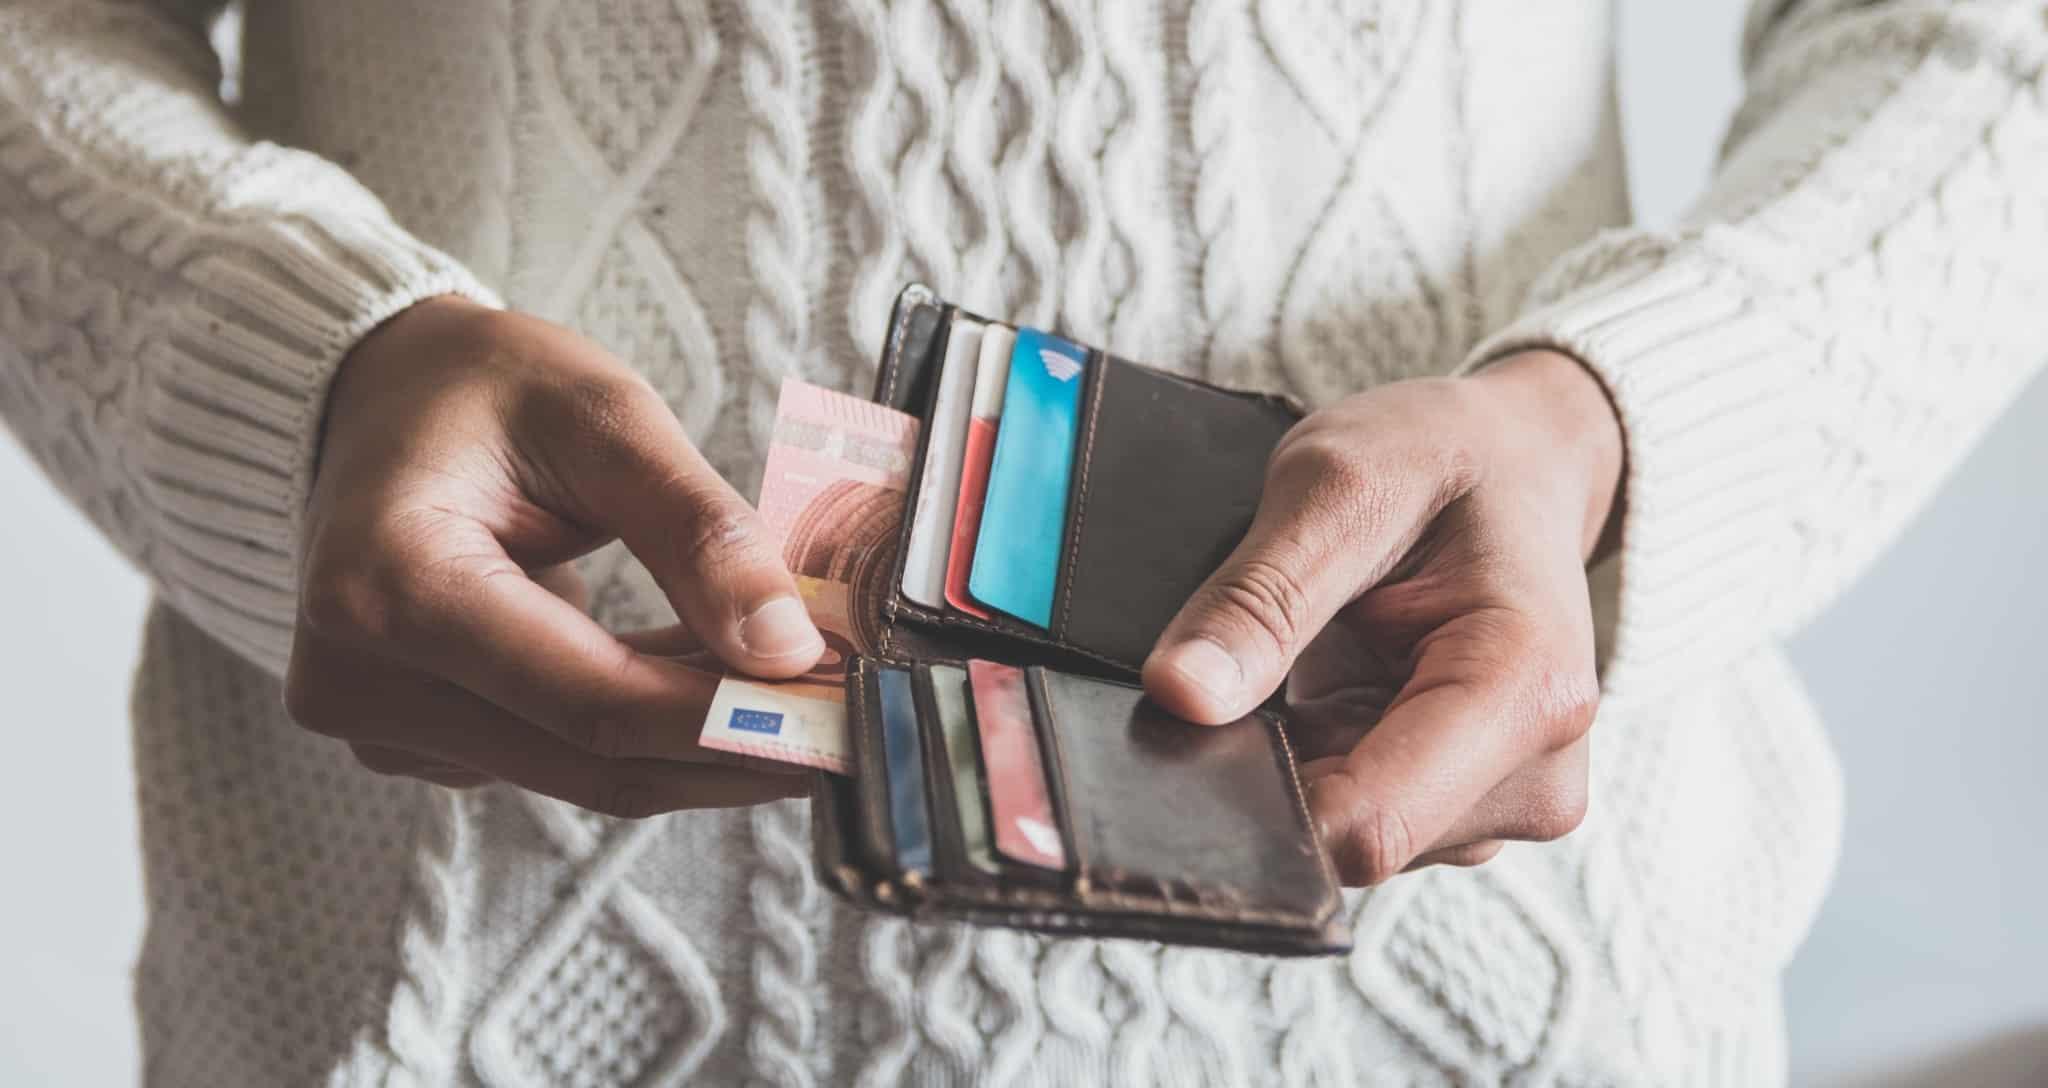 Pessoa a tirar uma nota de 10 euros de uma carteira com cartões de crédito